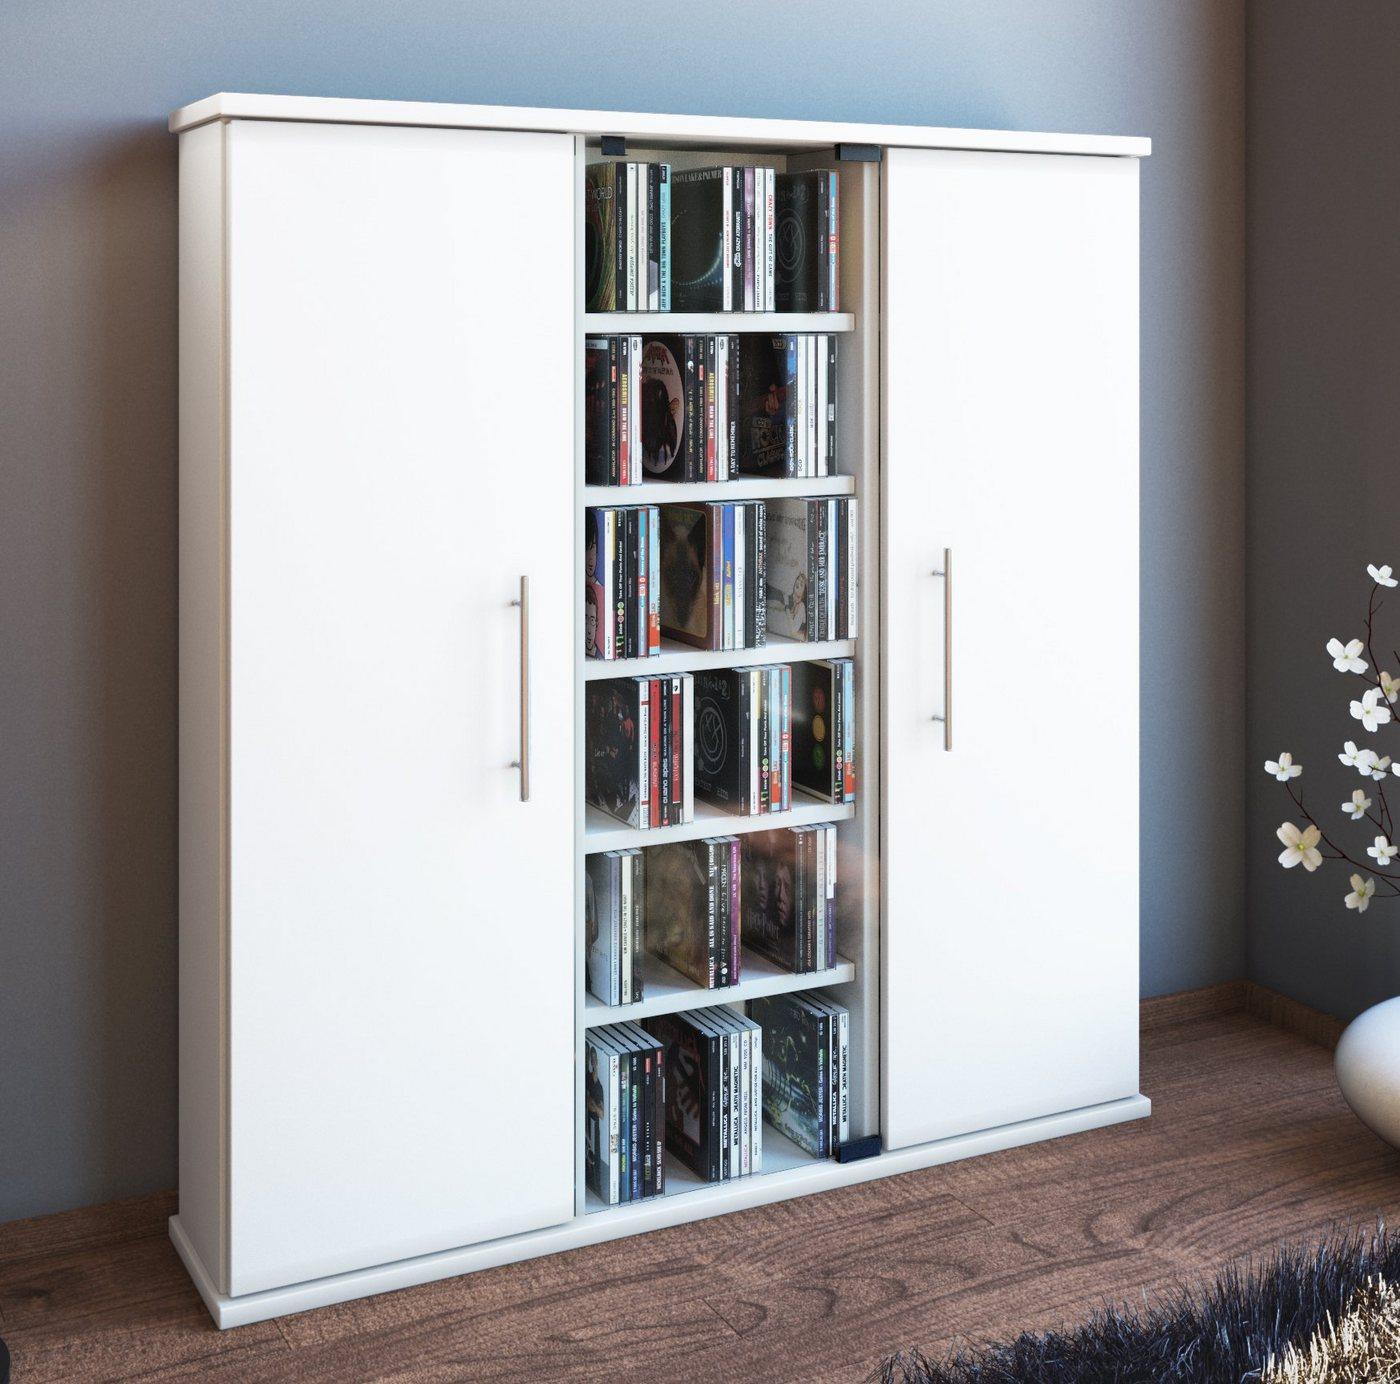 holztueren mit glas unter 250 preisvergleiche. Black Bedroom Furniture Sets. Home Design Ideas